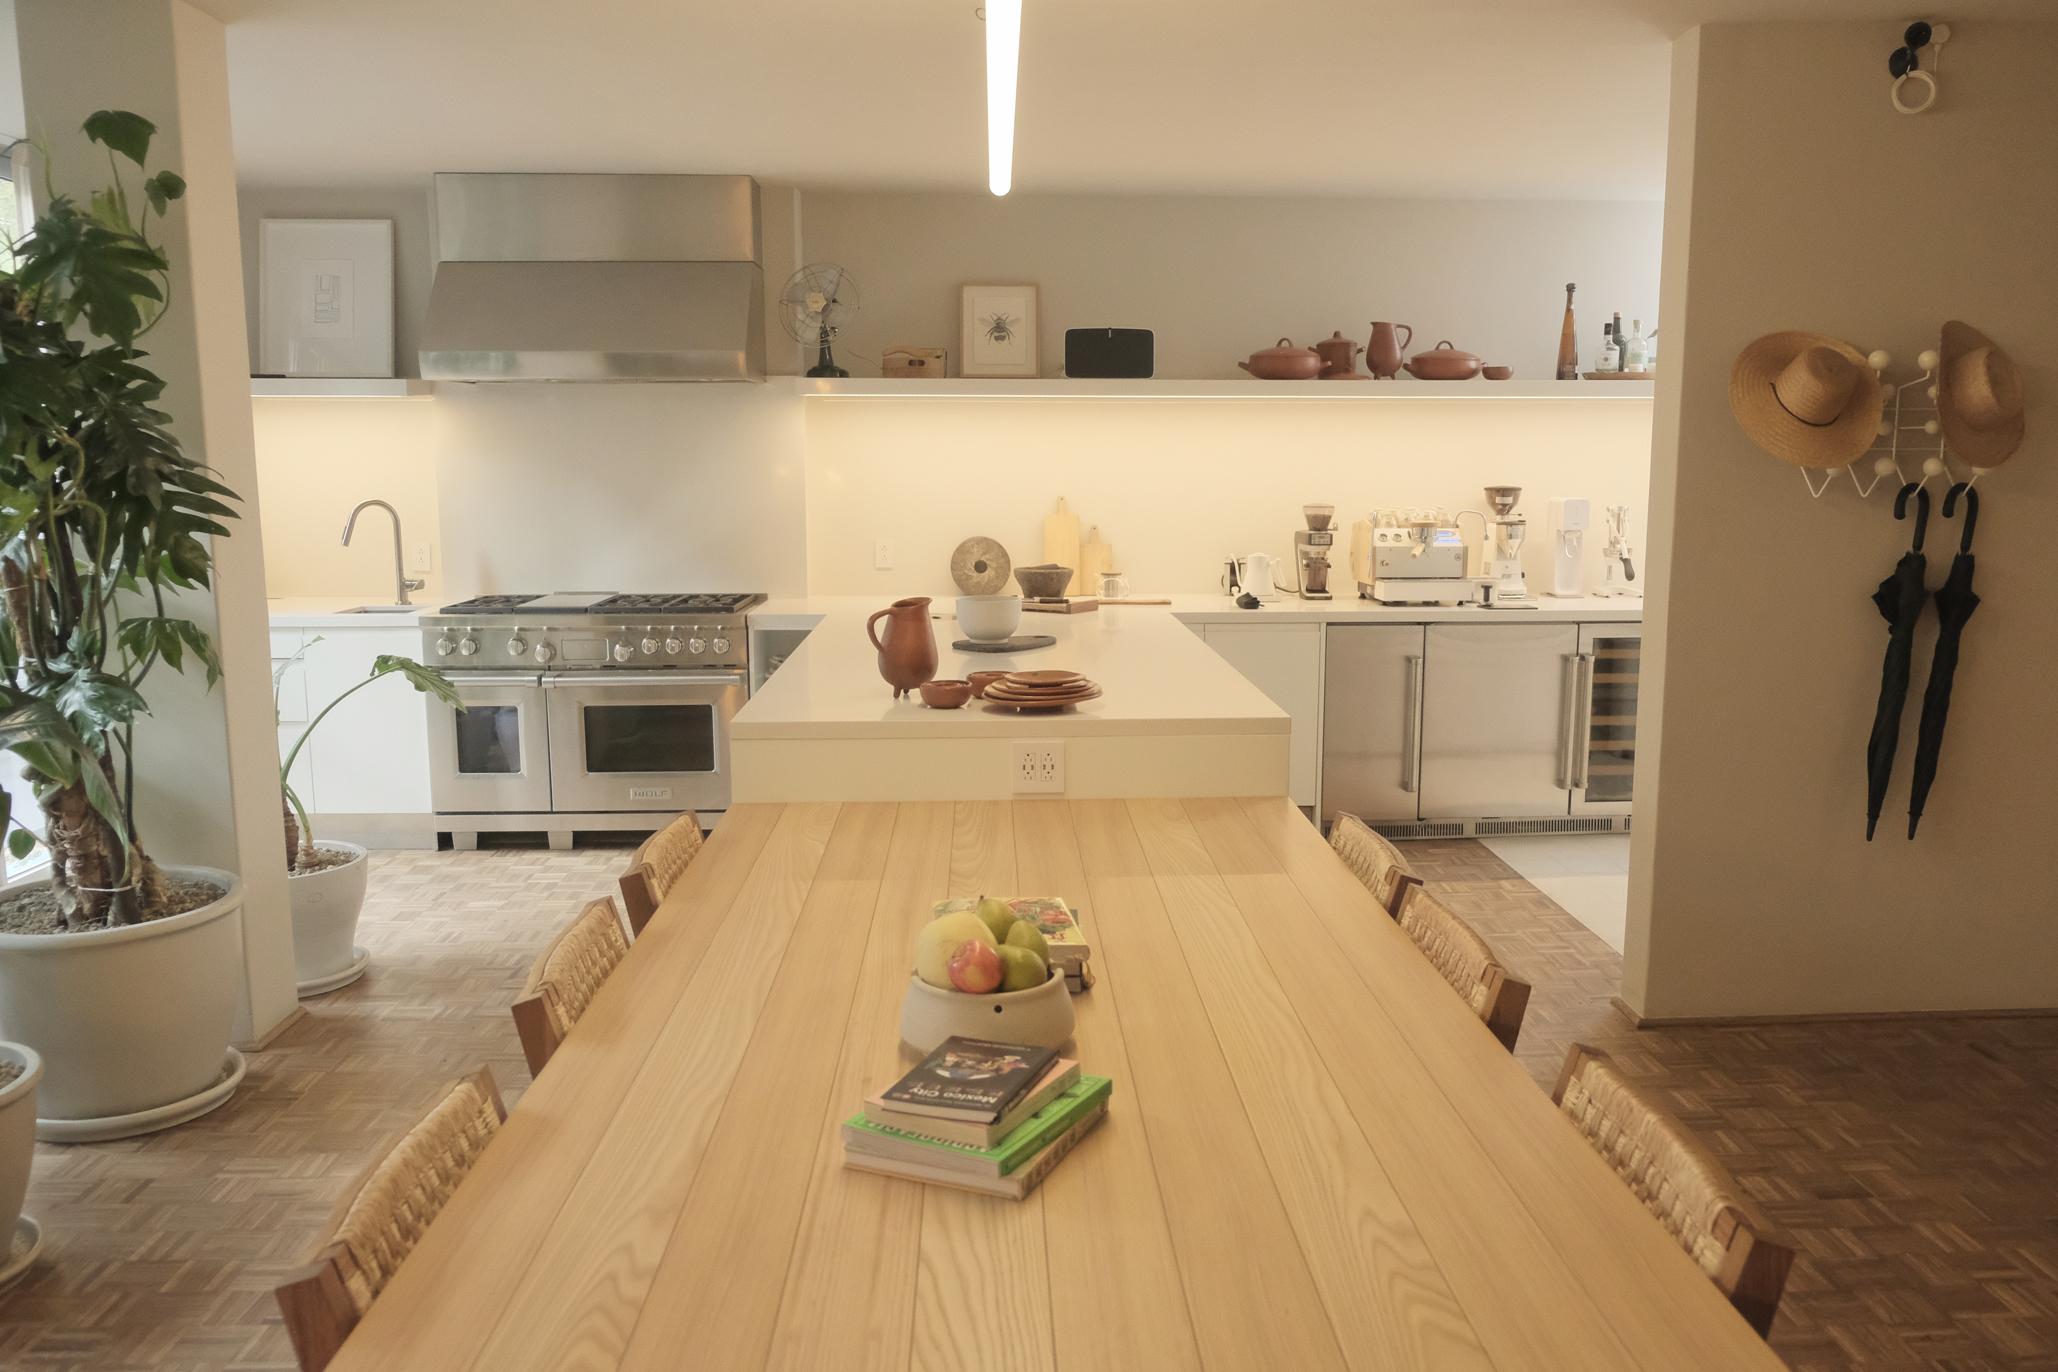 Casa Teo: la residencia gastronómica de Enrique Olvera que puedes rentar